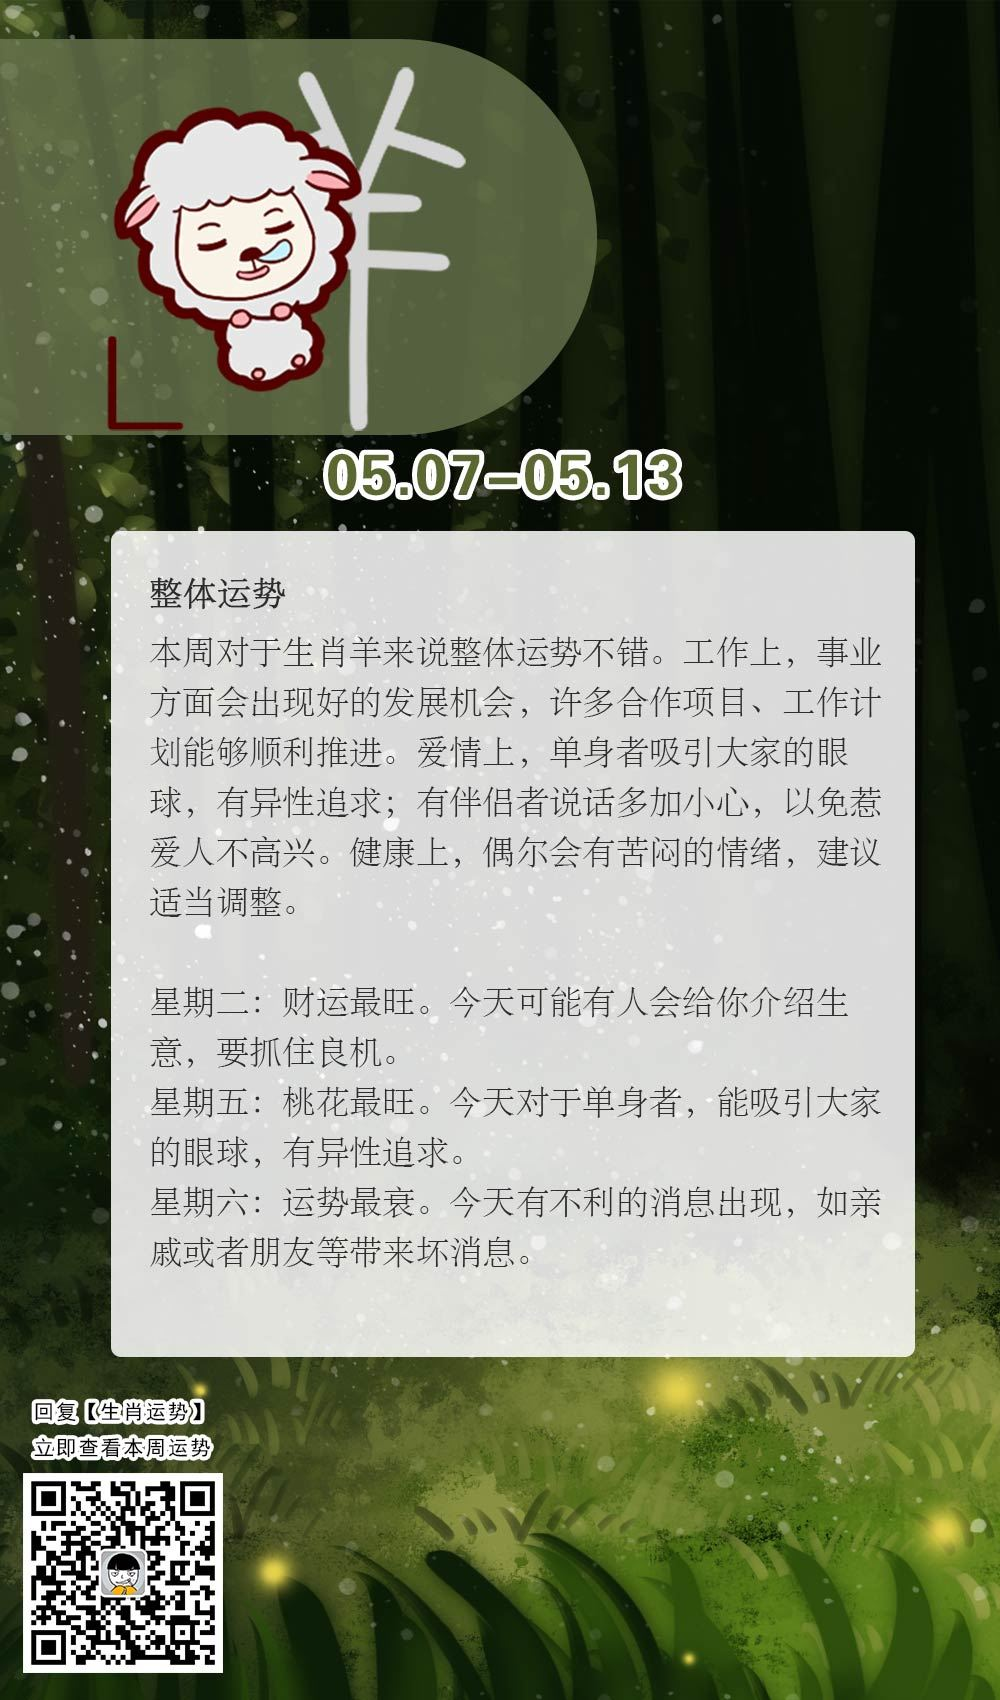 生肖羊本周运势【2018.05.07-05.13】